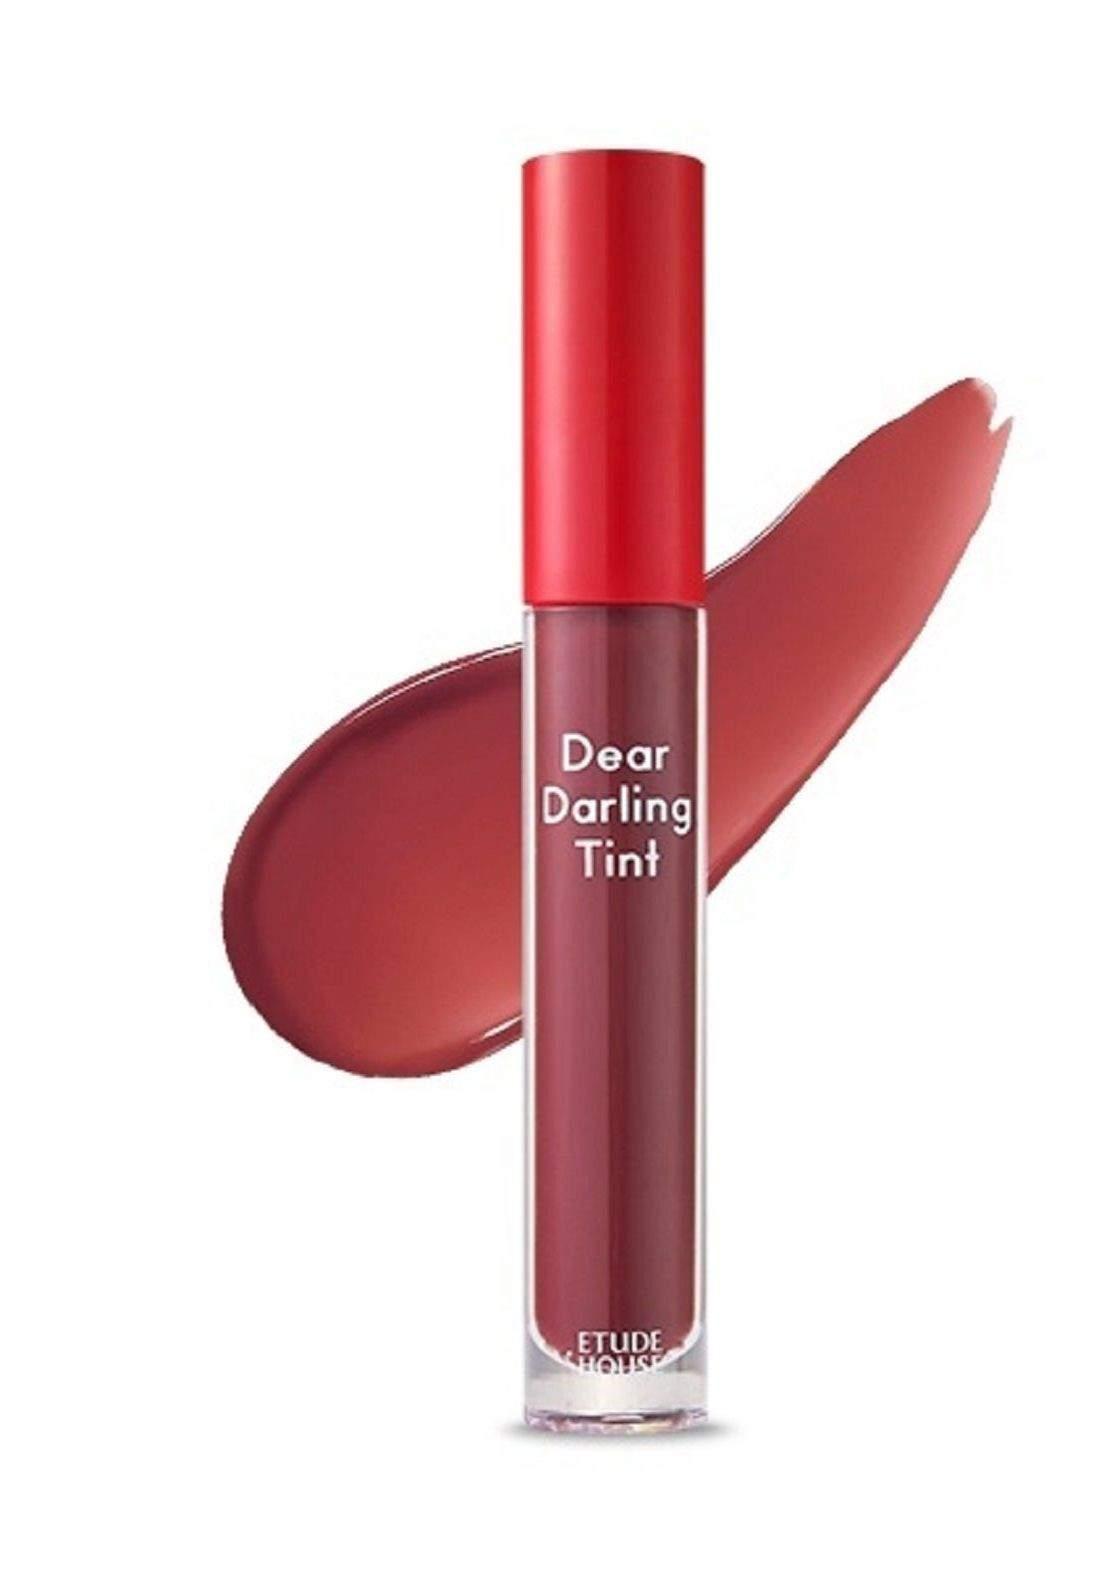 Dear Darling Lip Tint - PK003 تنت كوري من أيتود هاوس